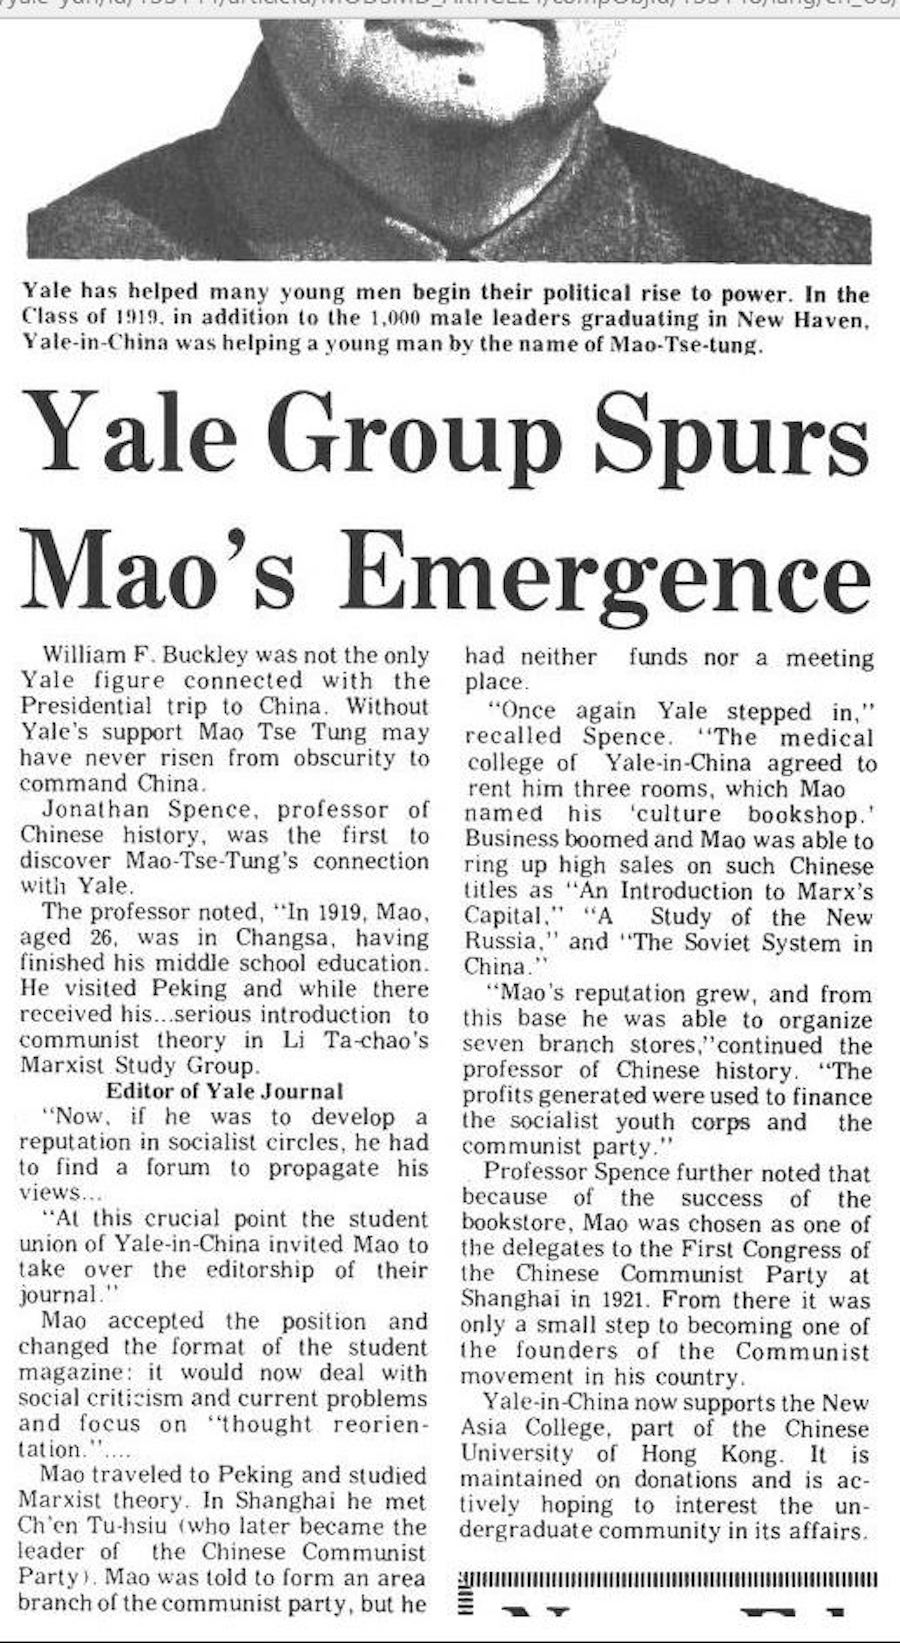 yale.news.2